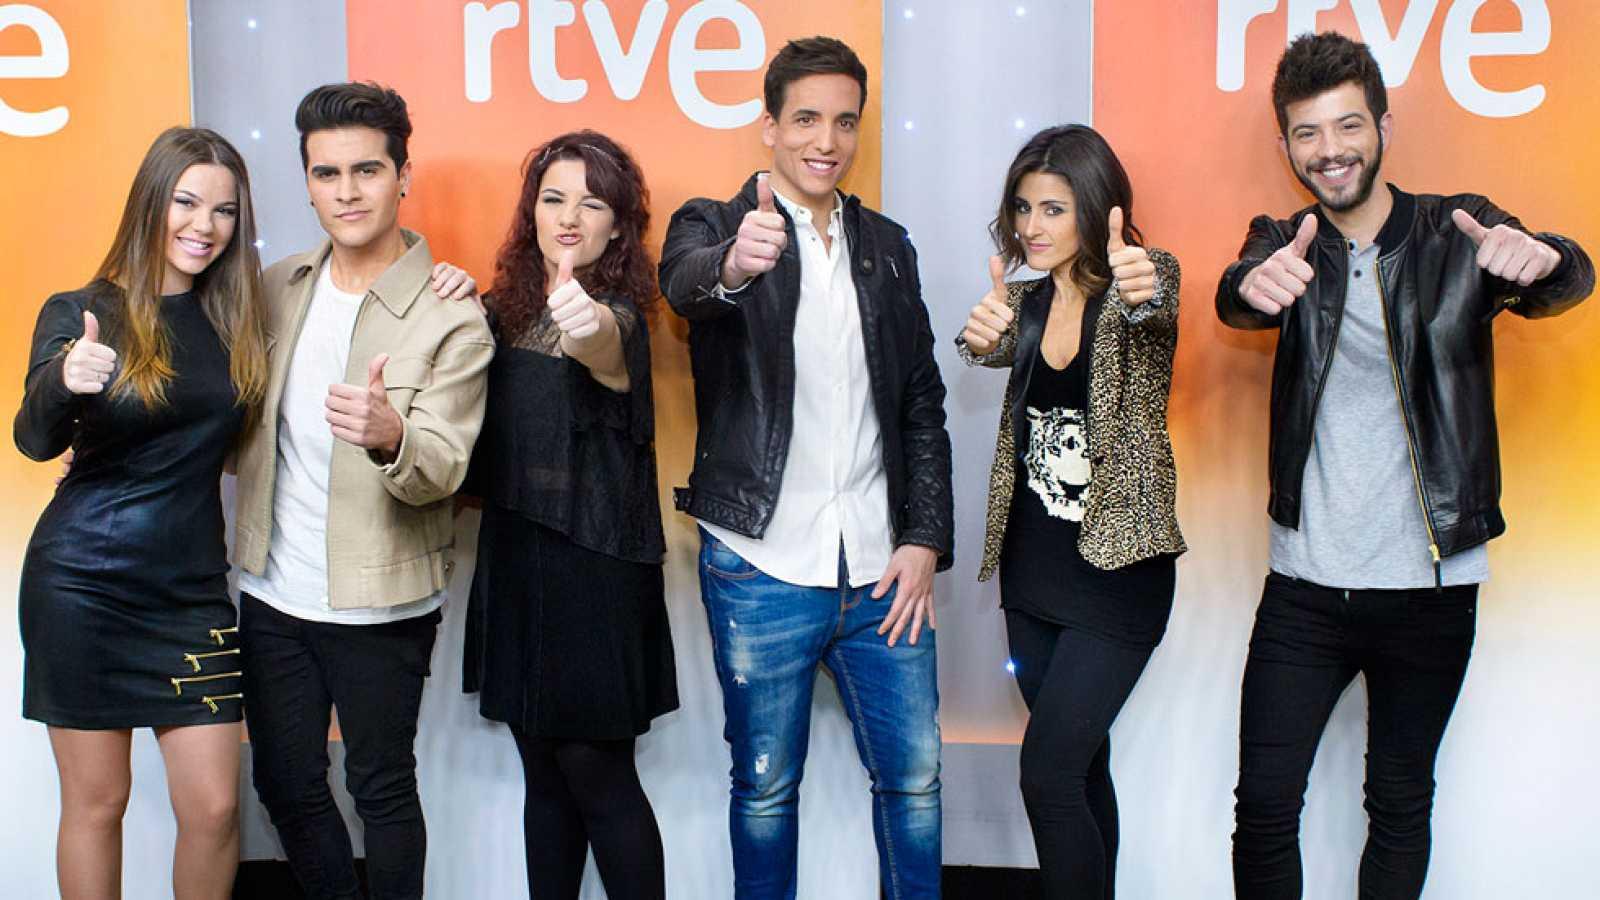 Objetivo Eurovisión con seis aspirantes